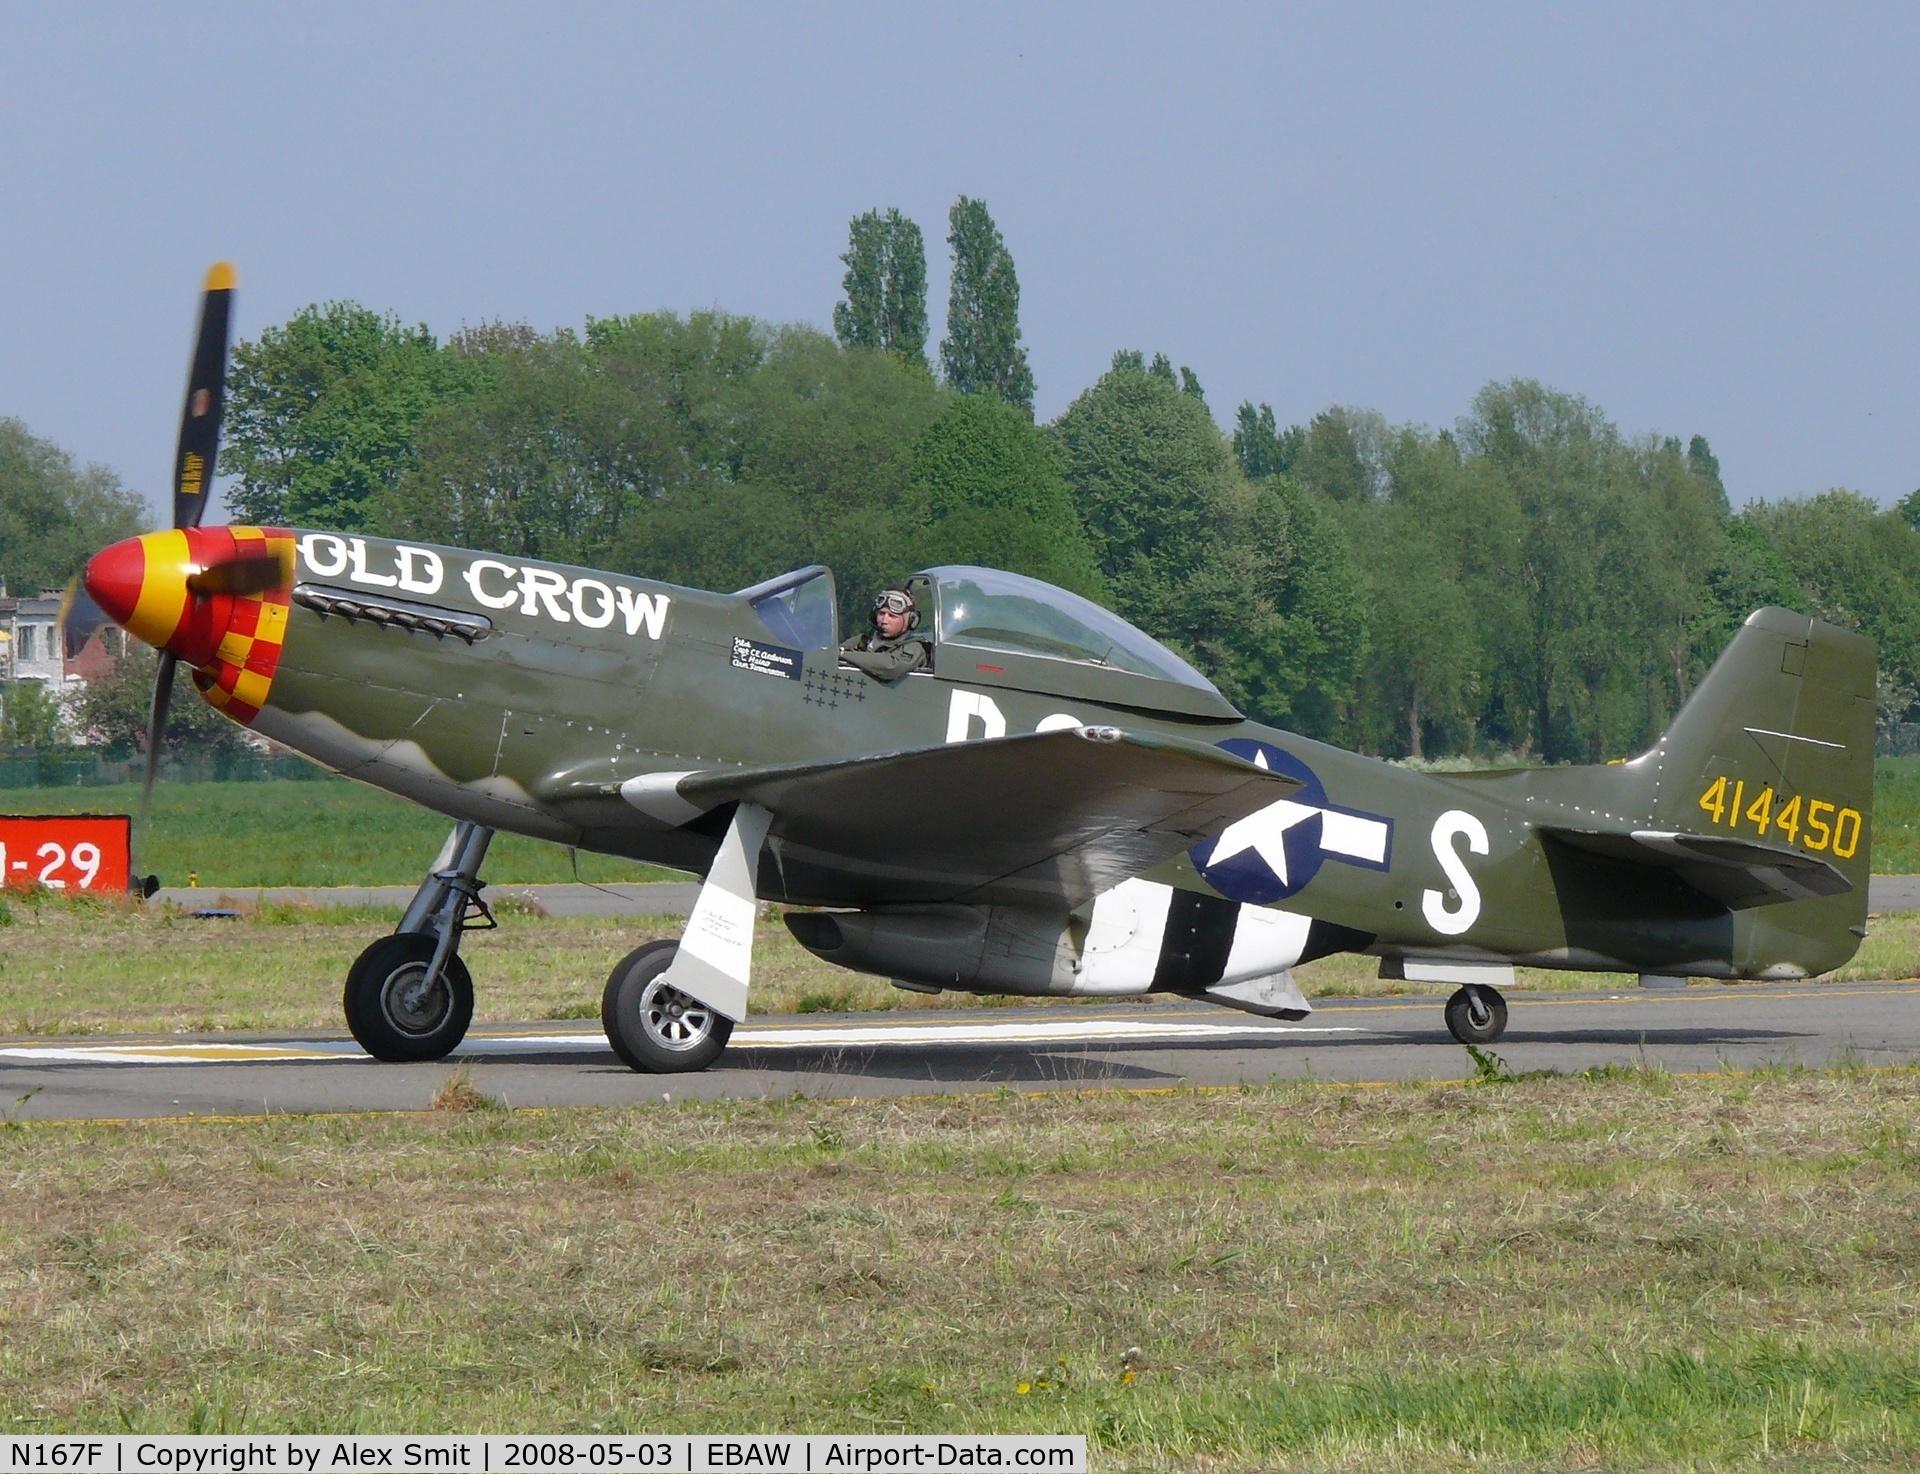 N167F, 1944 North American P-51D Mustang C/N 122-40417, North American P-51D Mustang N167F painted as USAF 414450/B6-S Old Crow